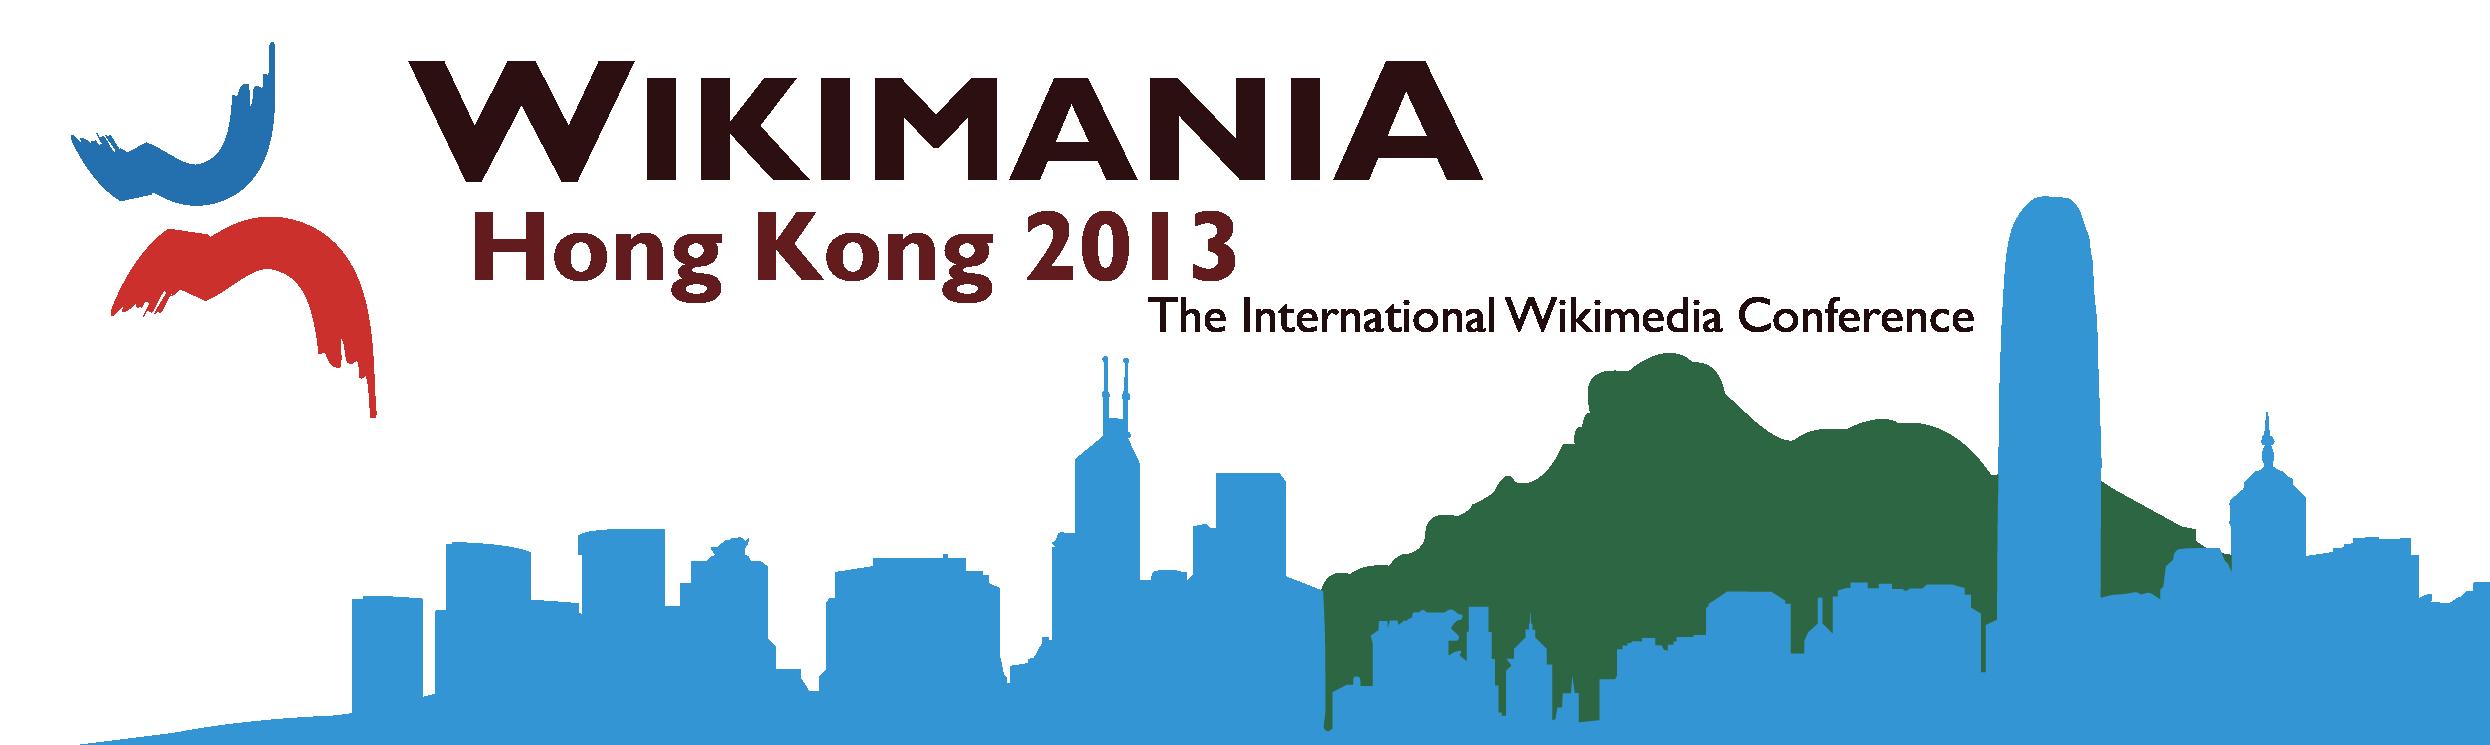 wikimania 2013